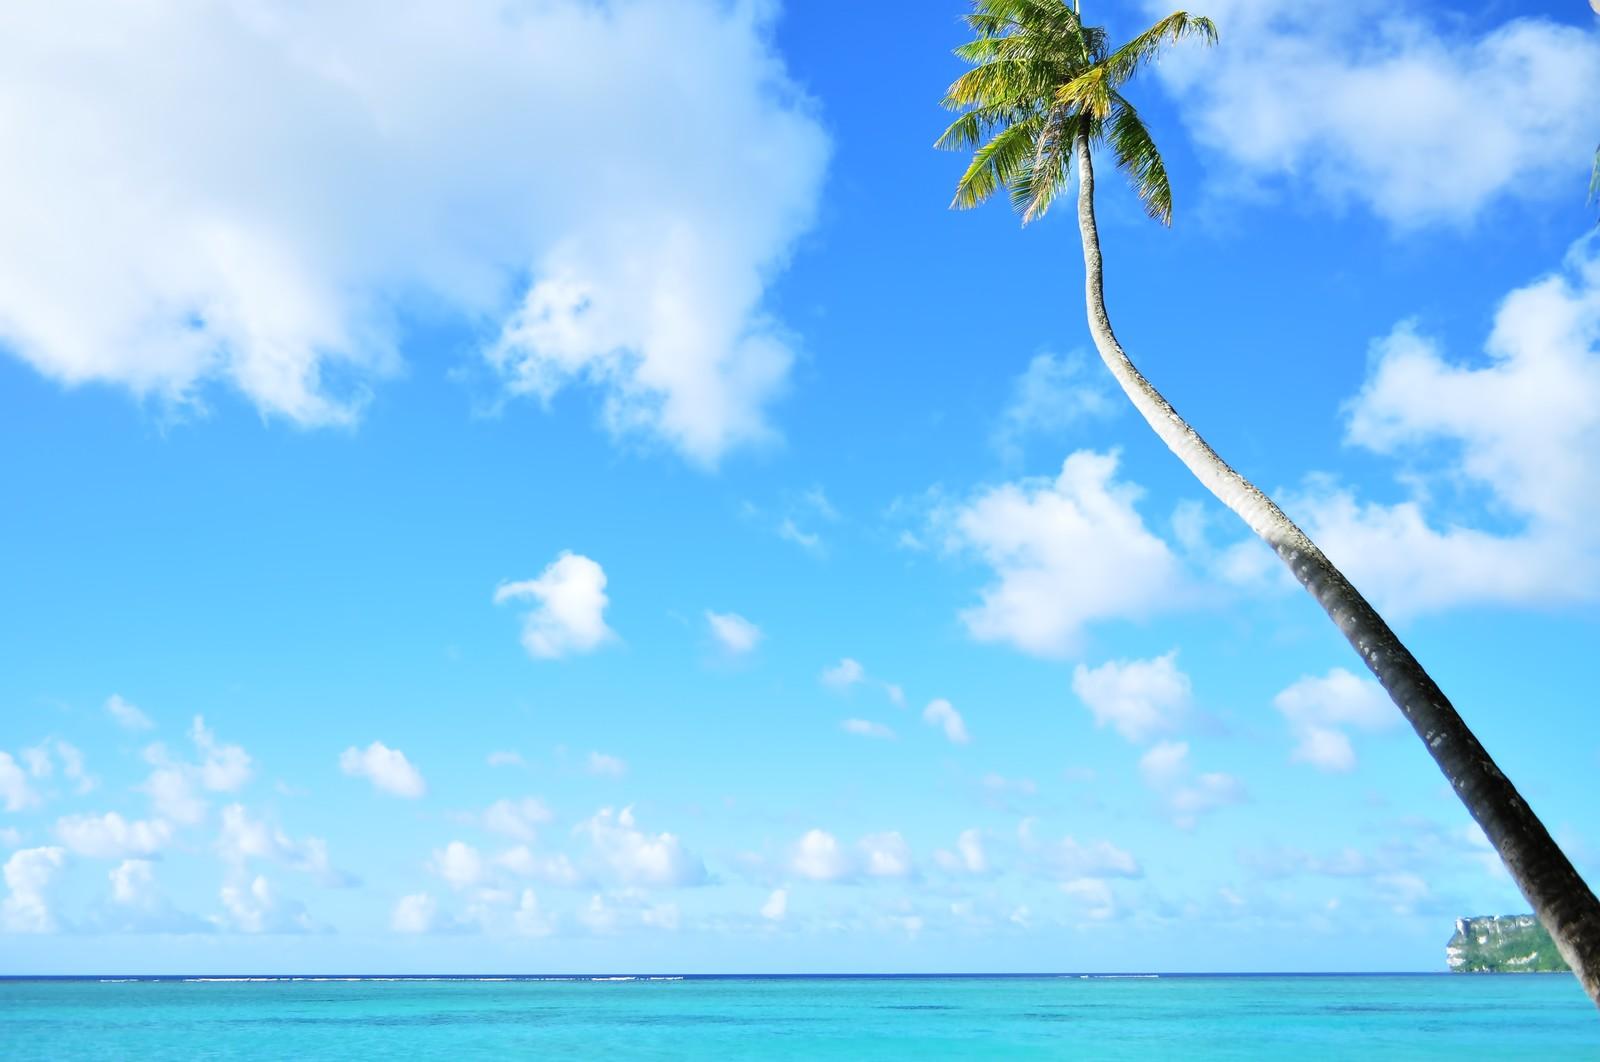 ハワイ3泊5日のモデルプラン!おすすめのスケジュール紹介!